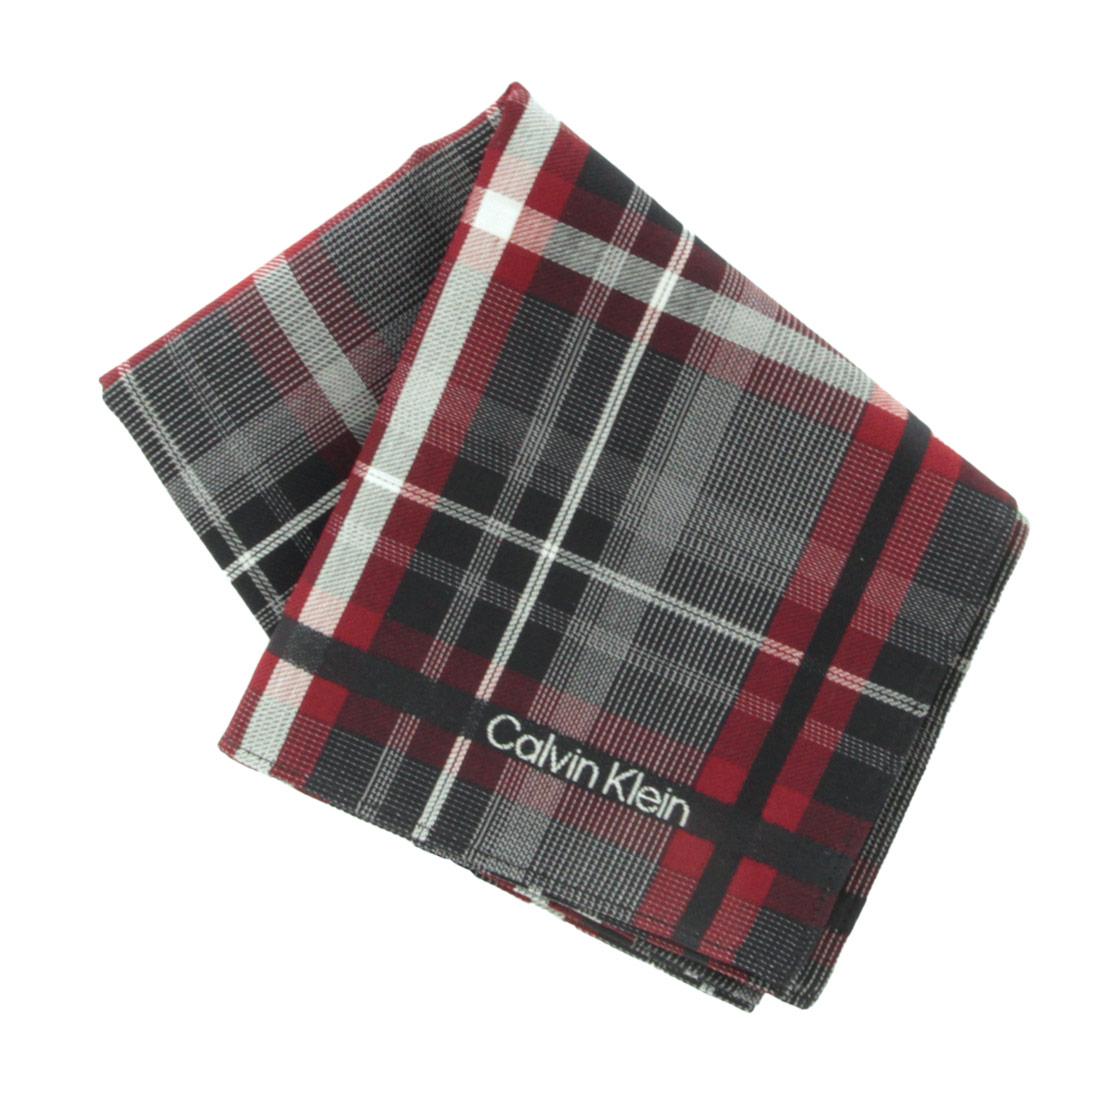 激安価格と即納で通信販売 Calvin Klein カルバン クライン グレー 1551 新品未使用正規品 メンズハンカチ